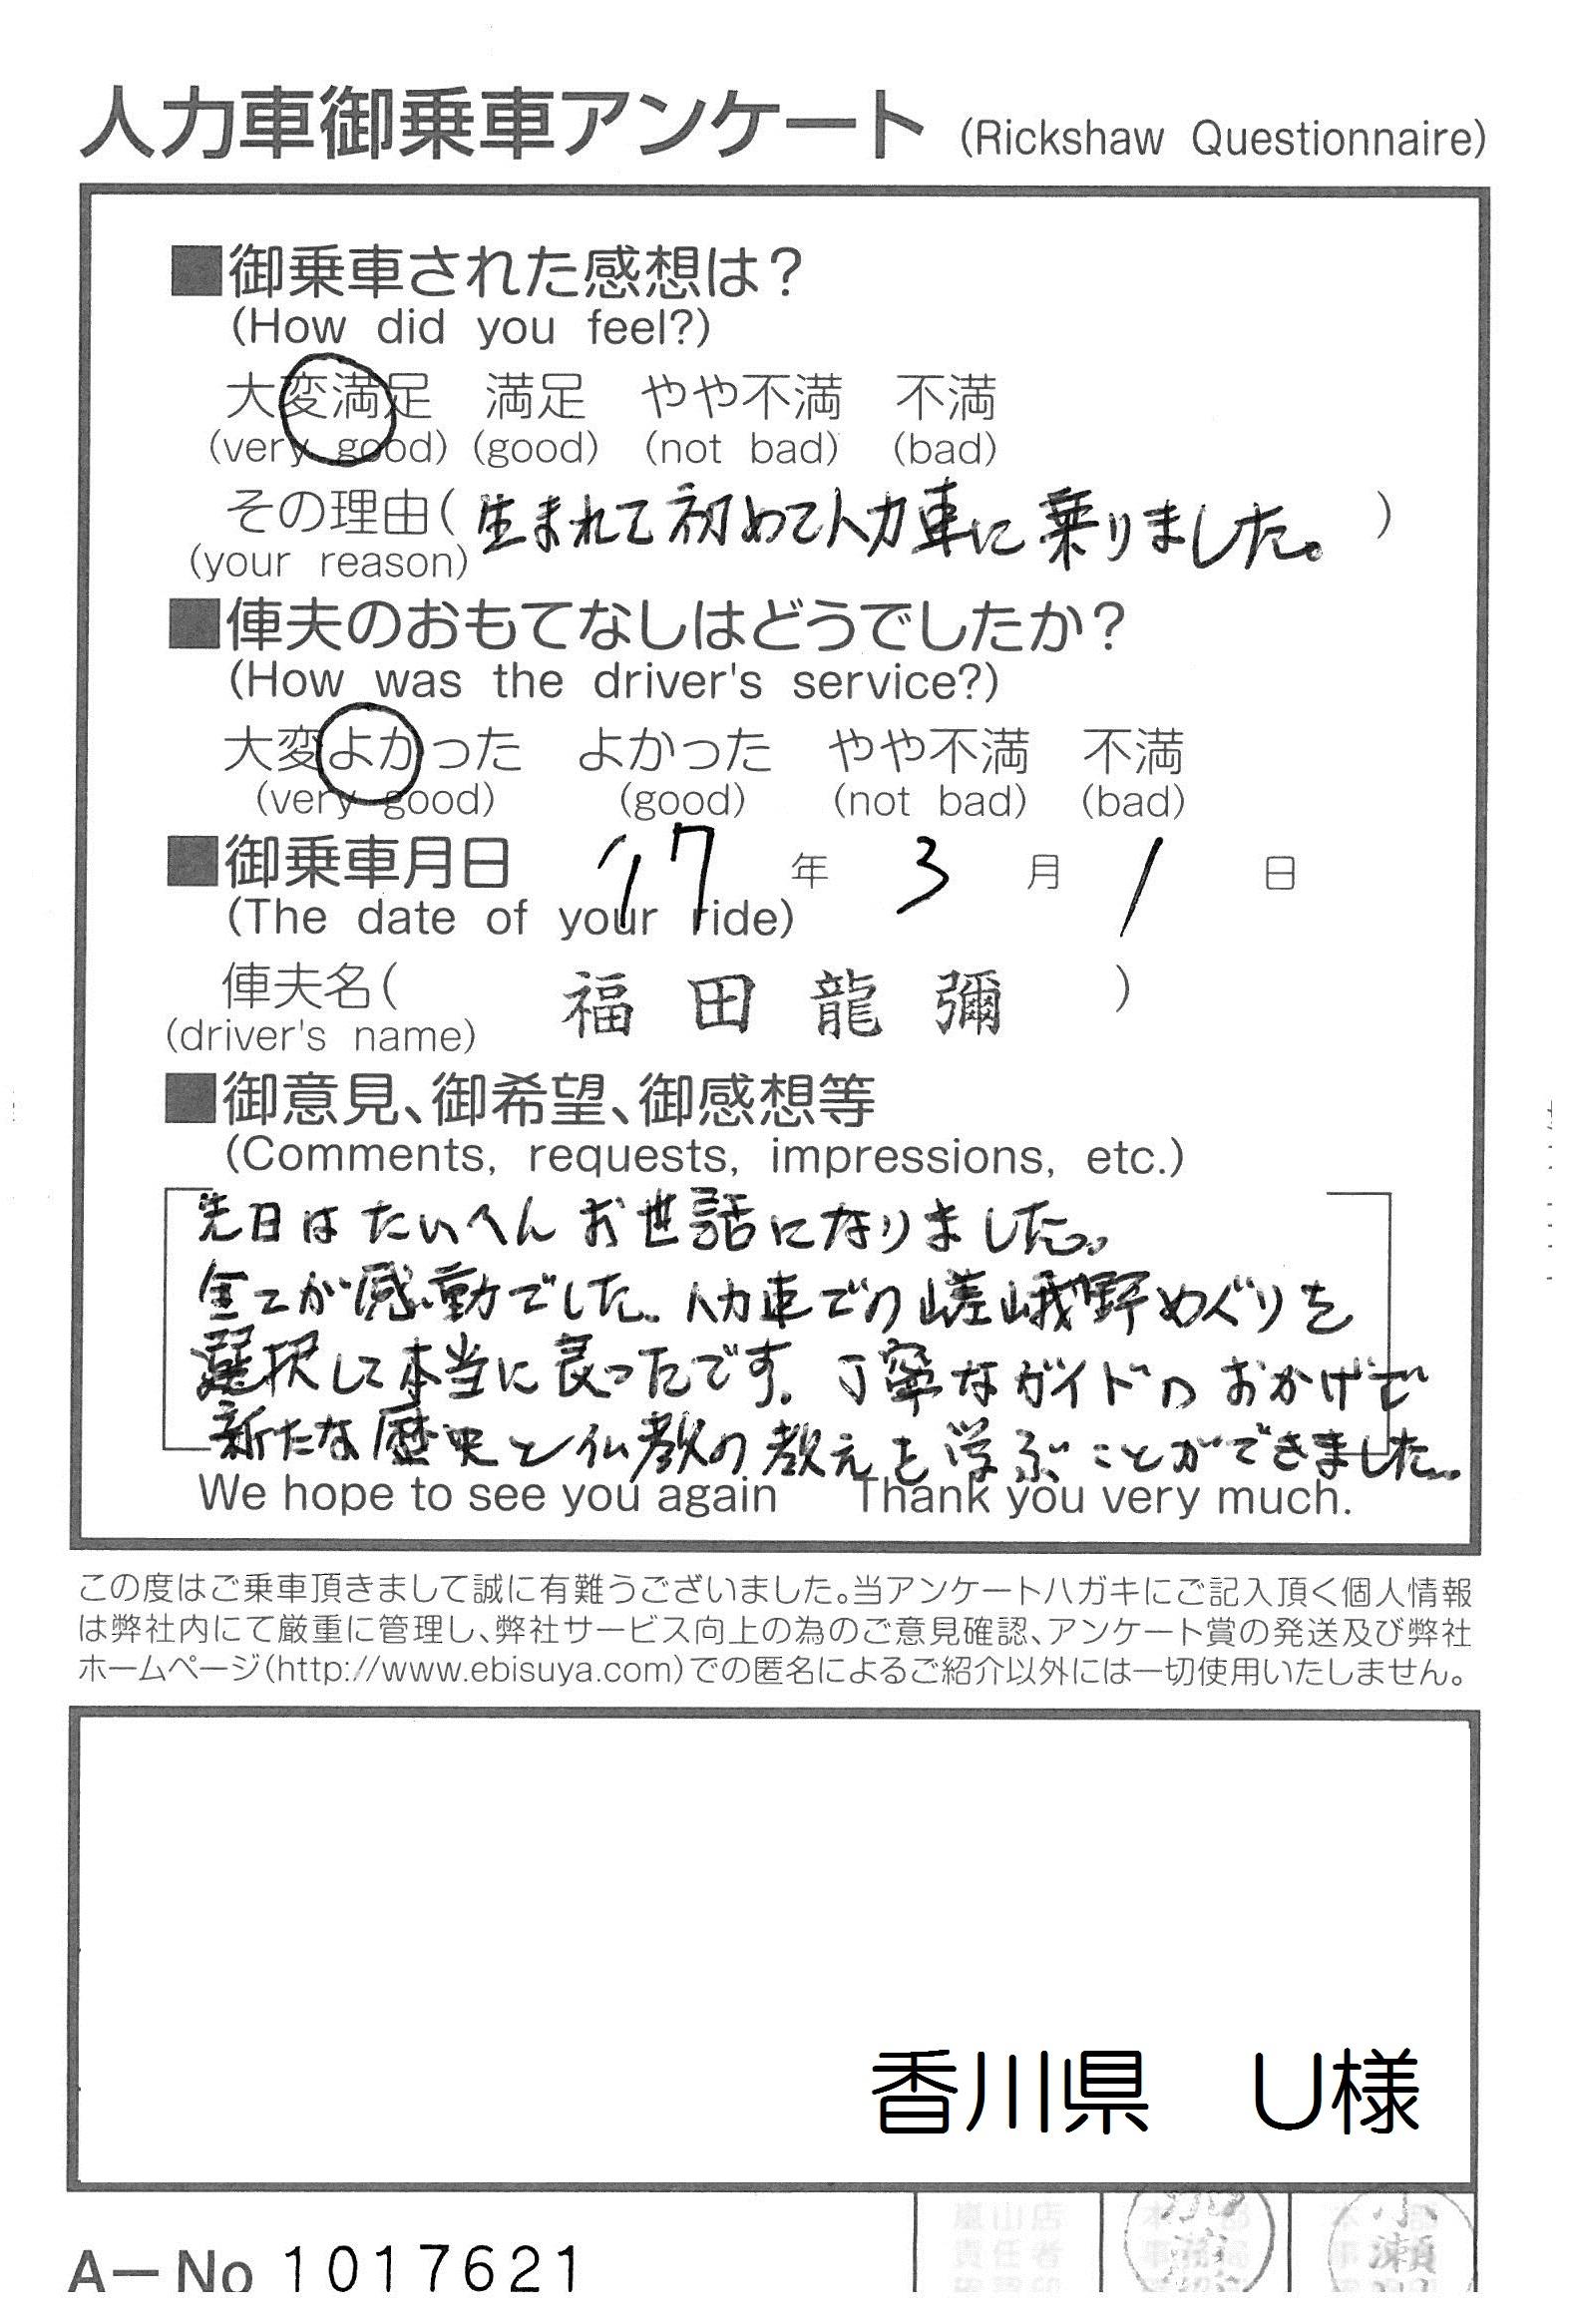 香川県 U様